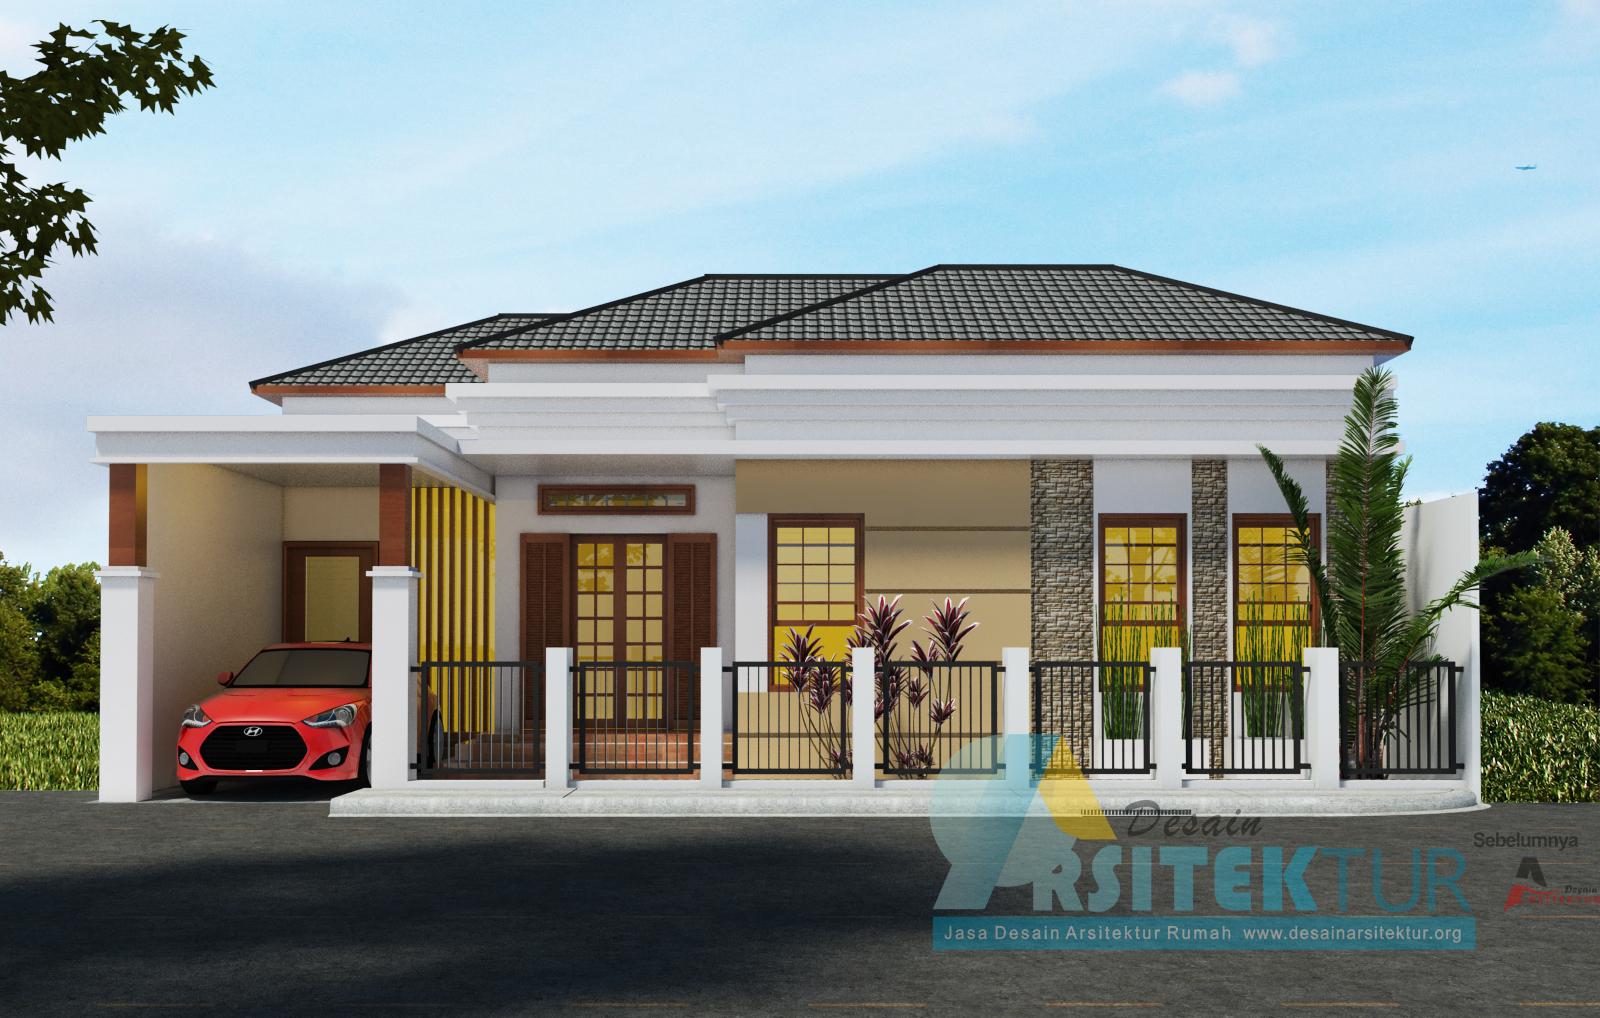 & Jual Desain rumah 1 lantai mewah 150m - RUMAH DESAIN | Tokopedia